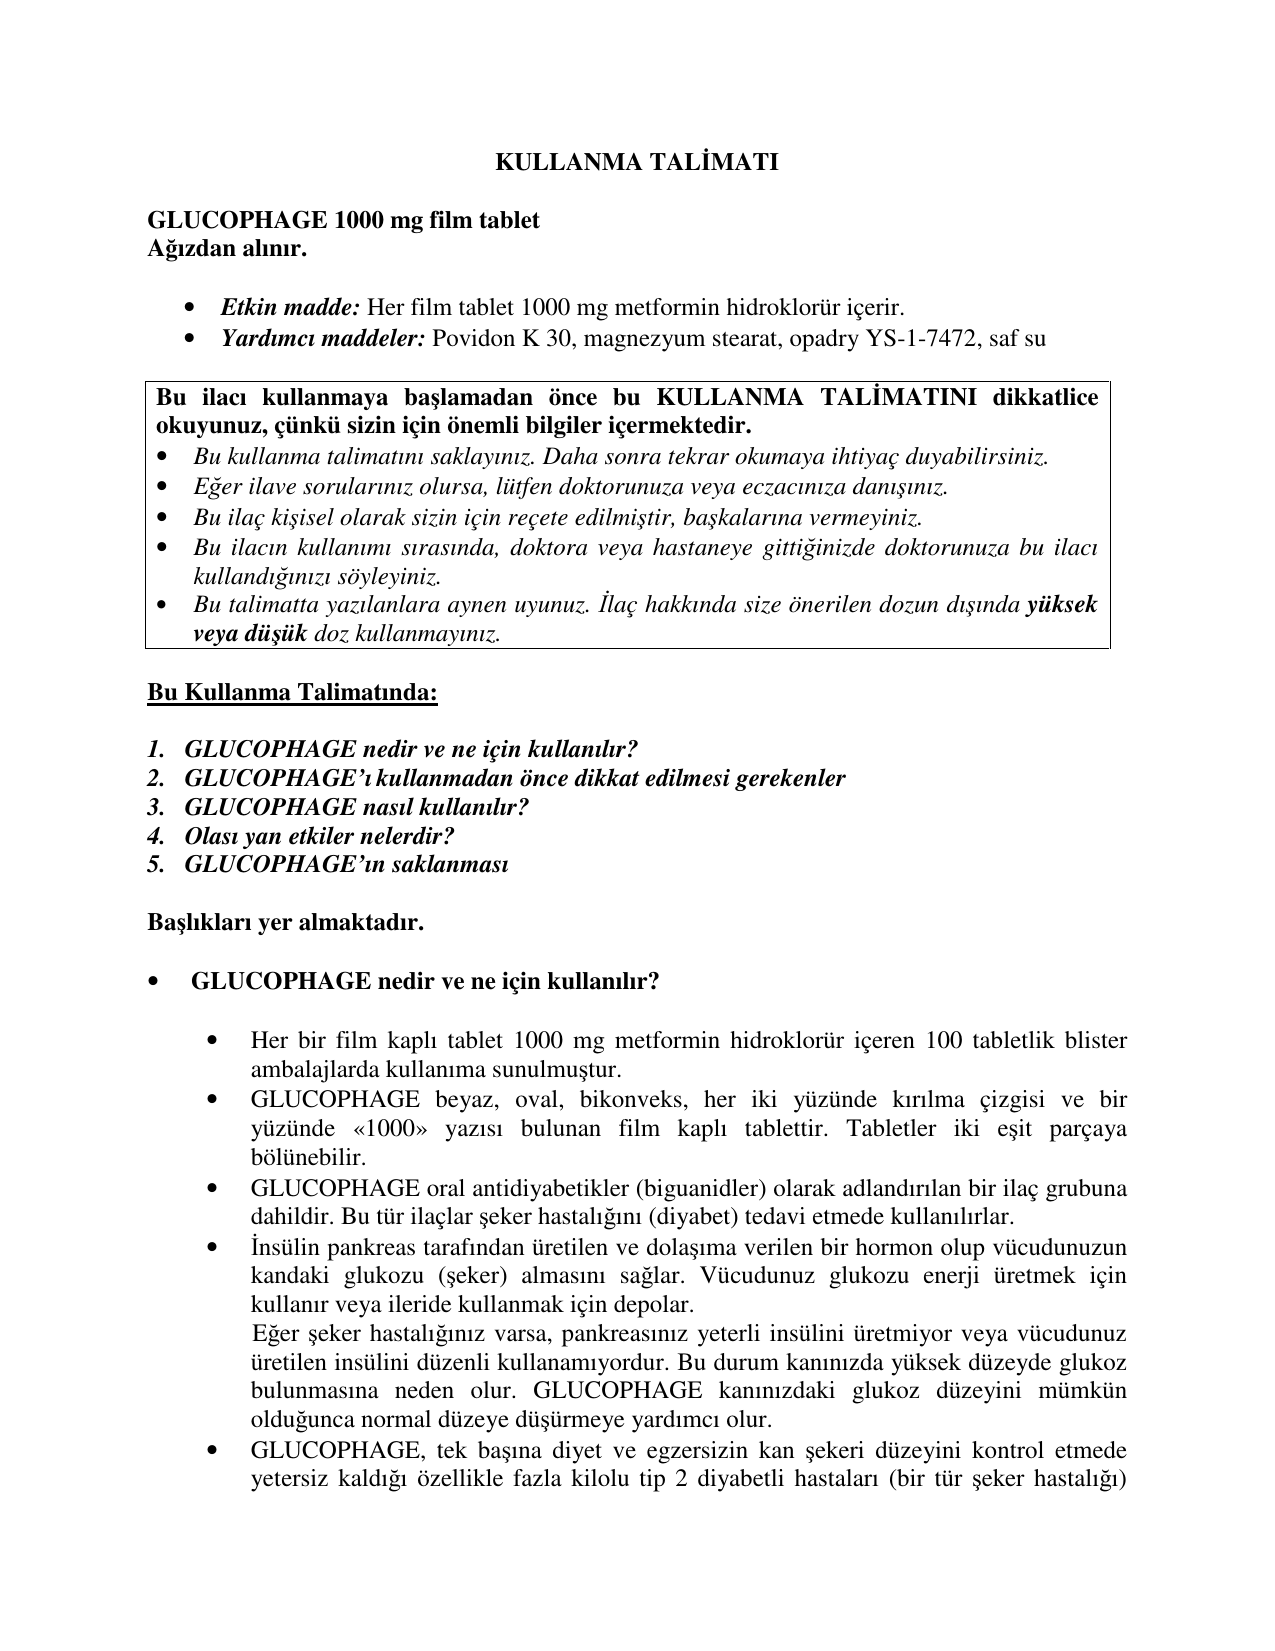 Hazırlık Glucophage: kullanım talimatları